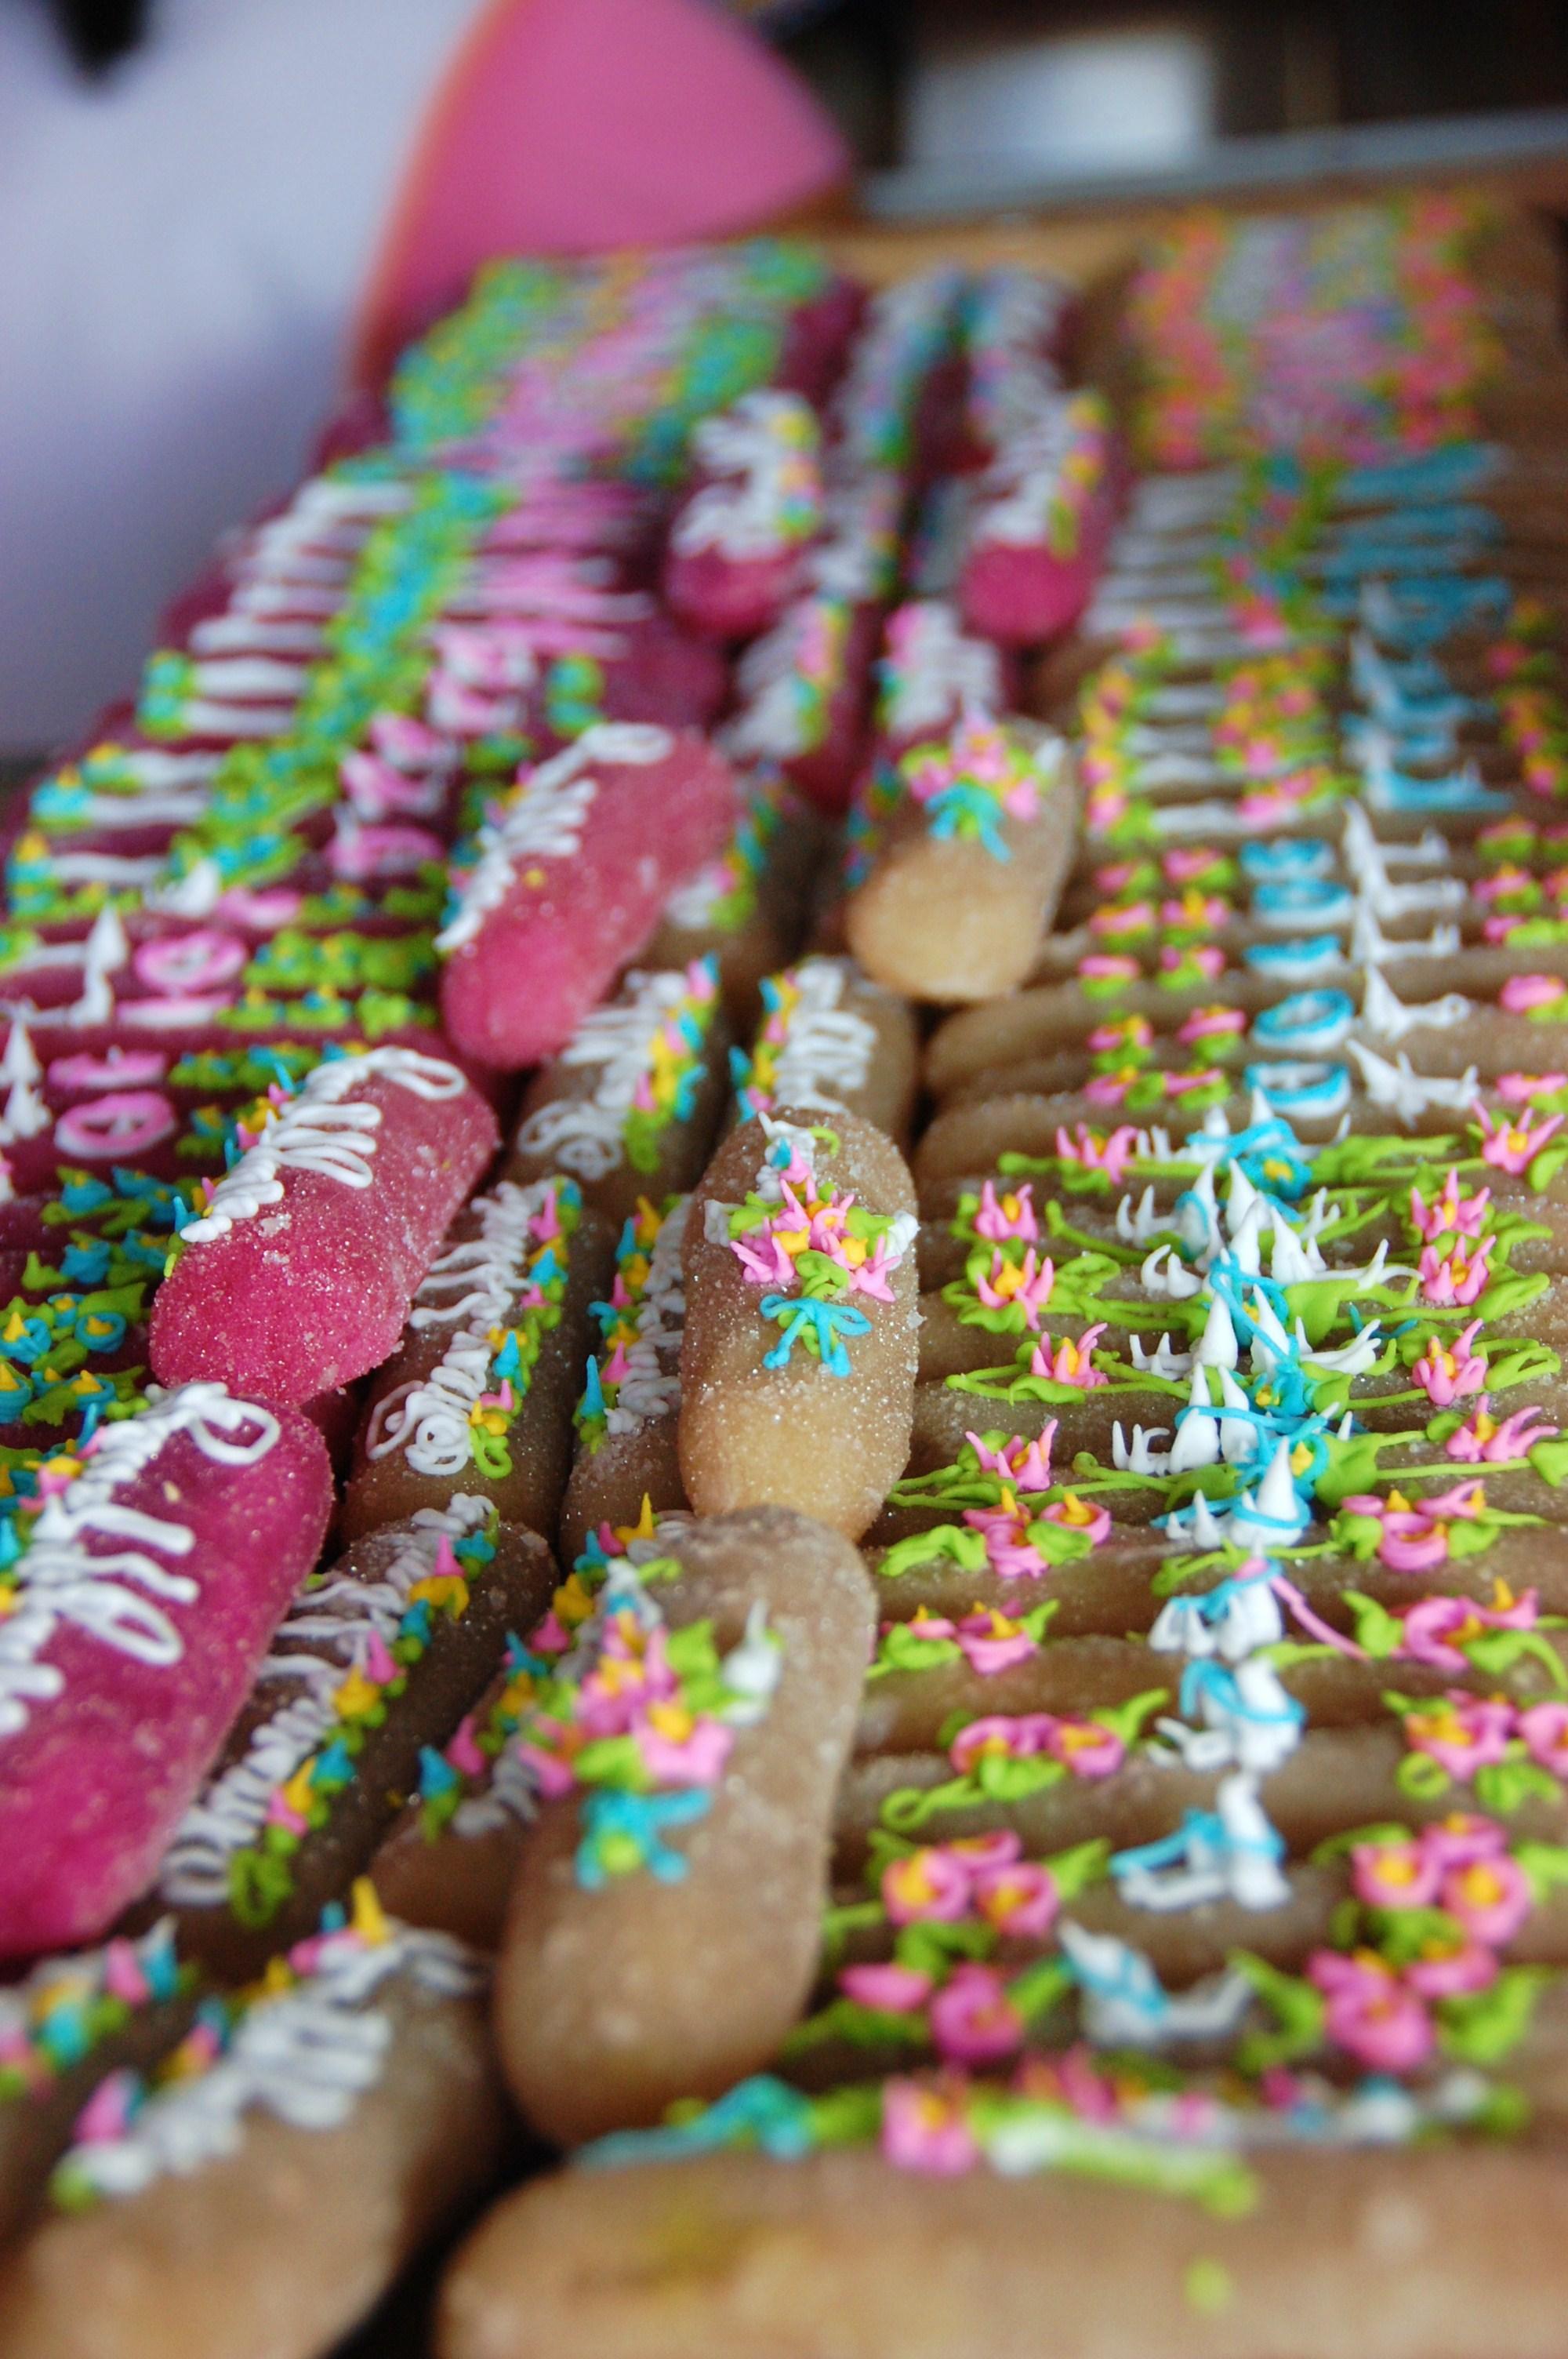 Diversos tipos de camotes se exponen en un puesto de dulces típicos